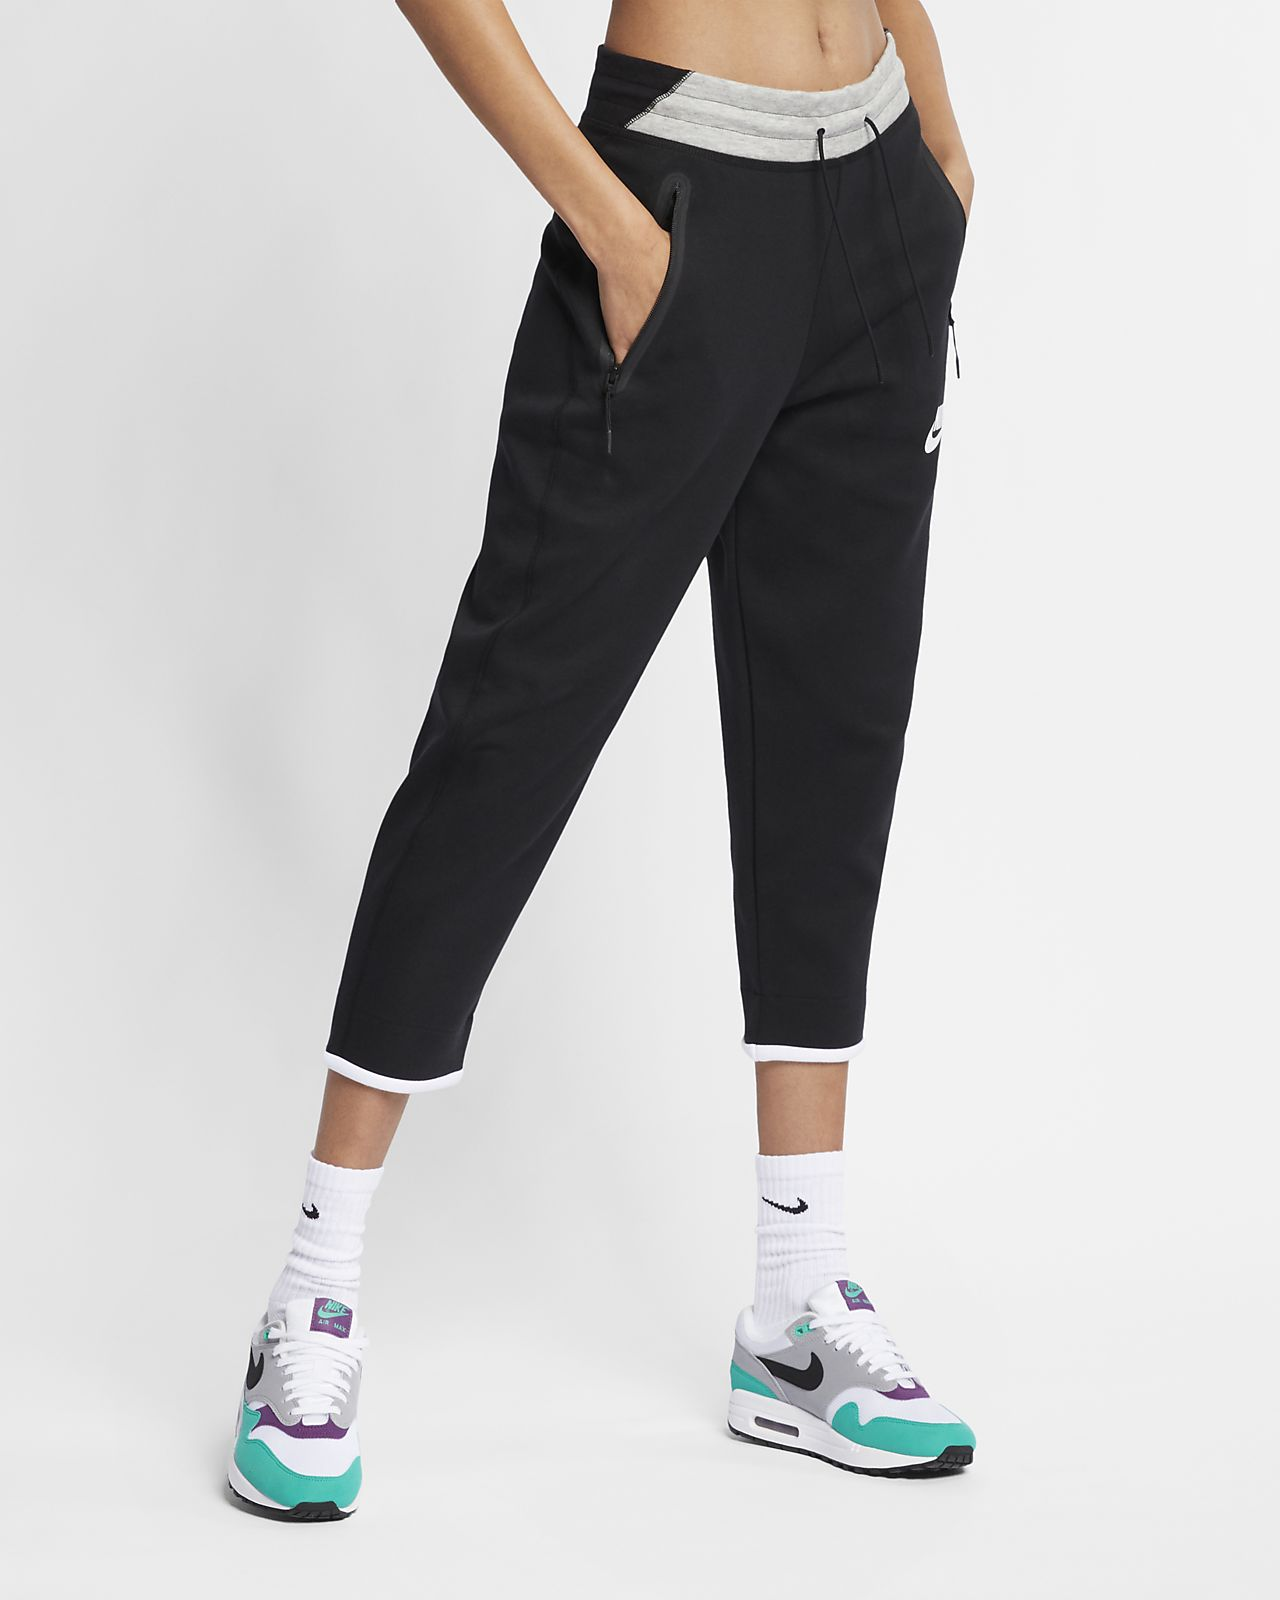 89dcd5d59919 Nike Sportswear Tech Fleece Women s Pants. Nike.com